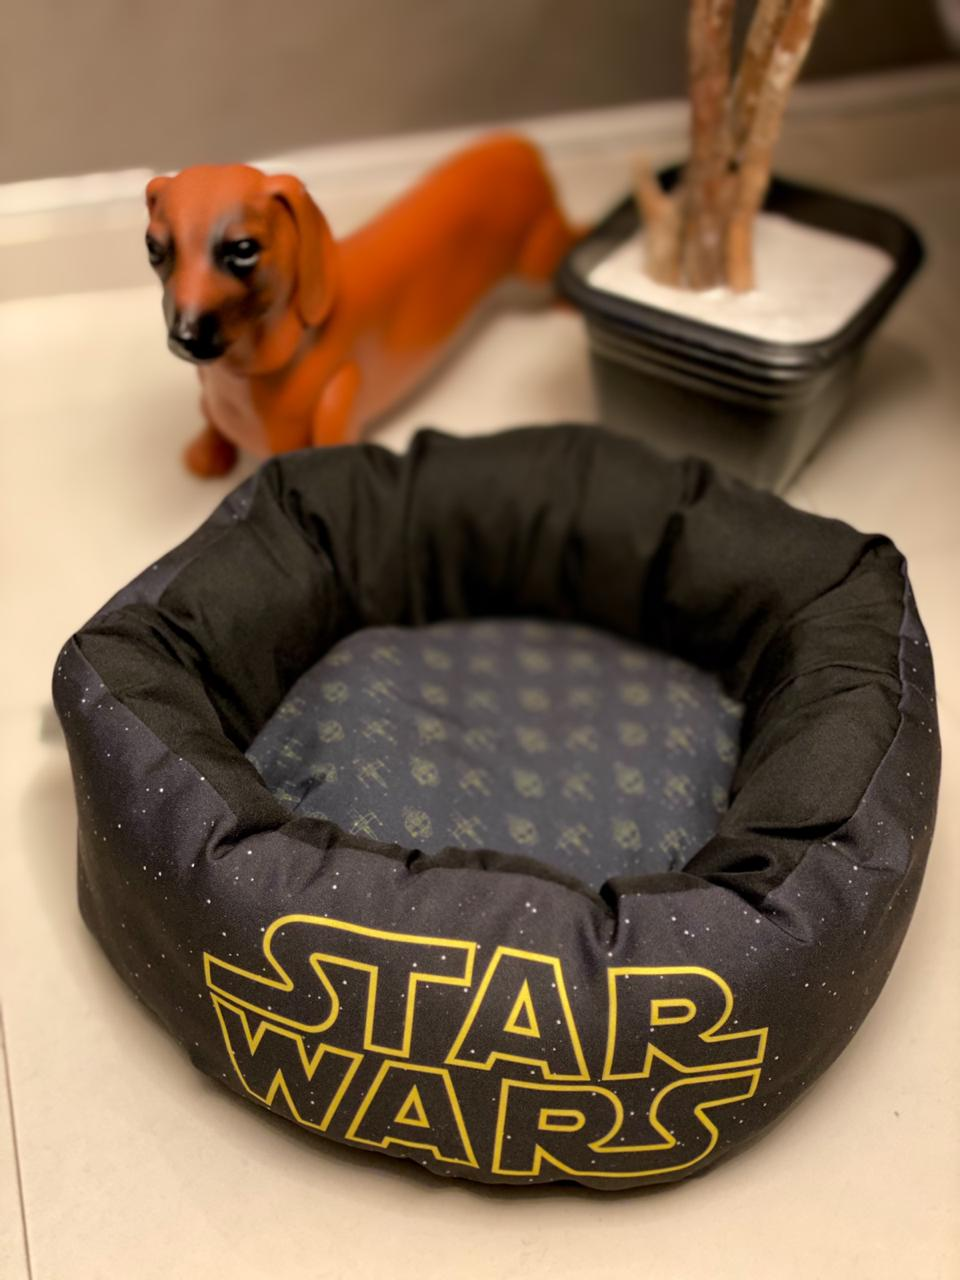 Cama Pet Logo: Star Wars - EV